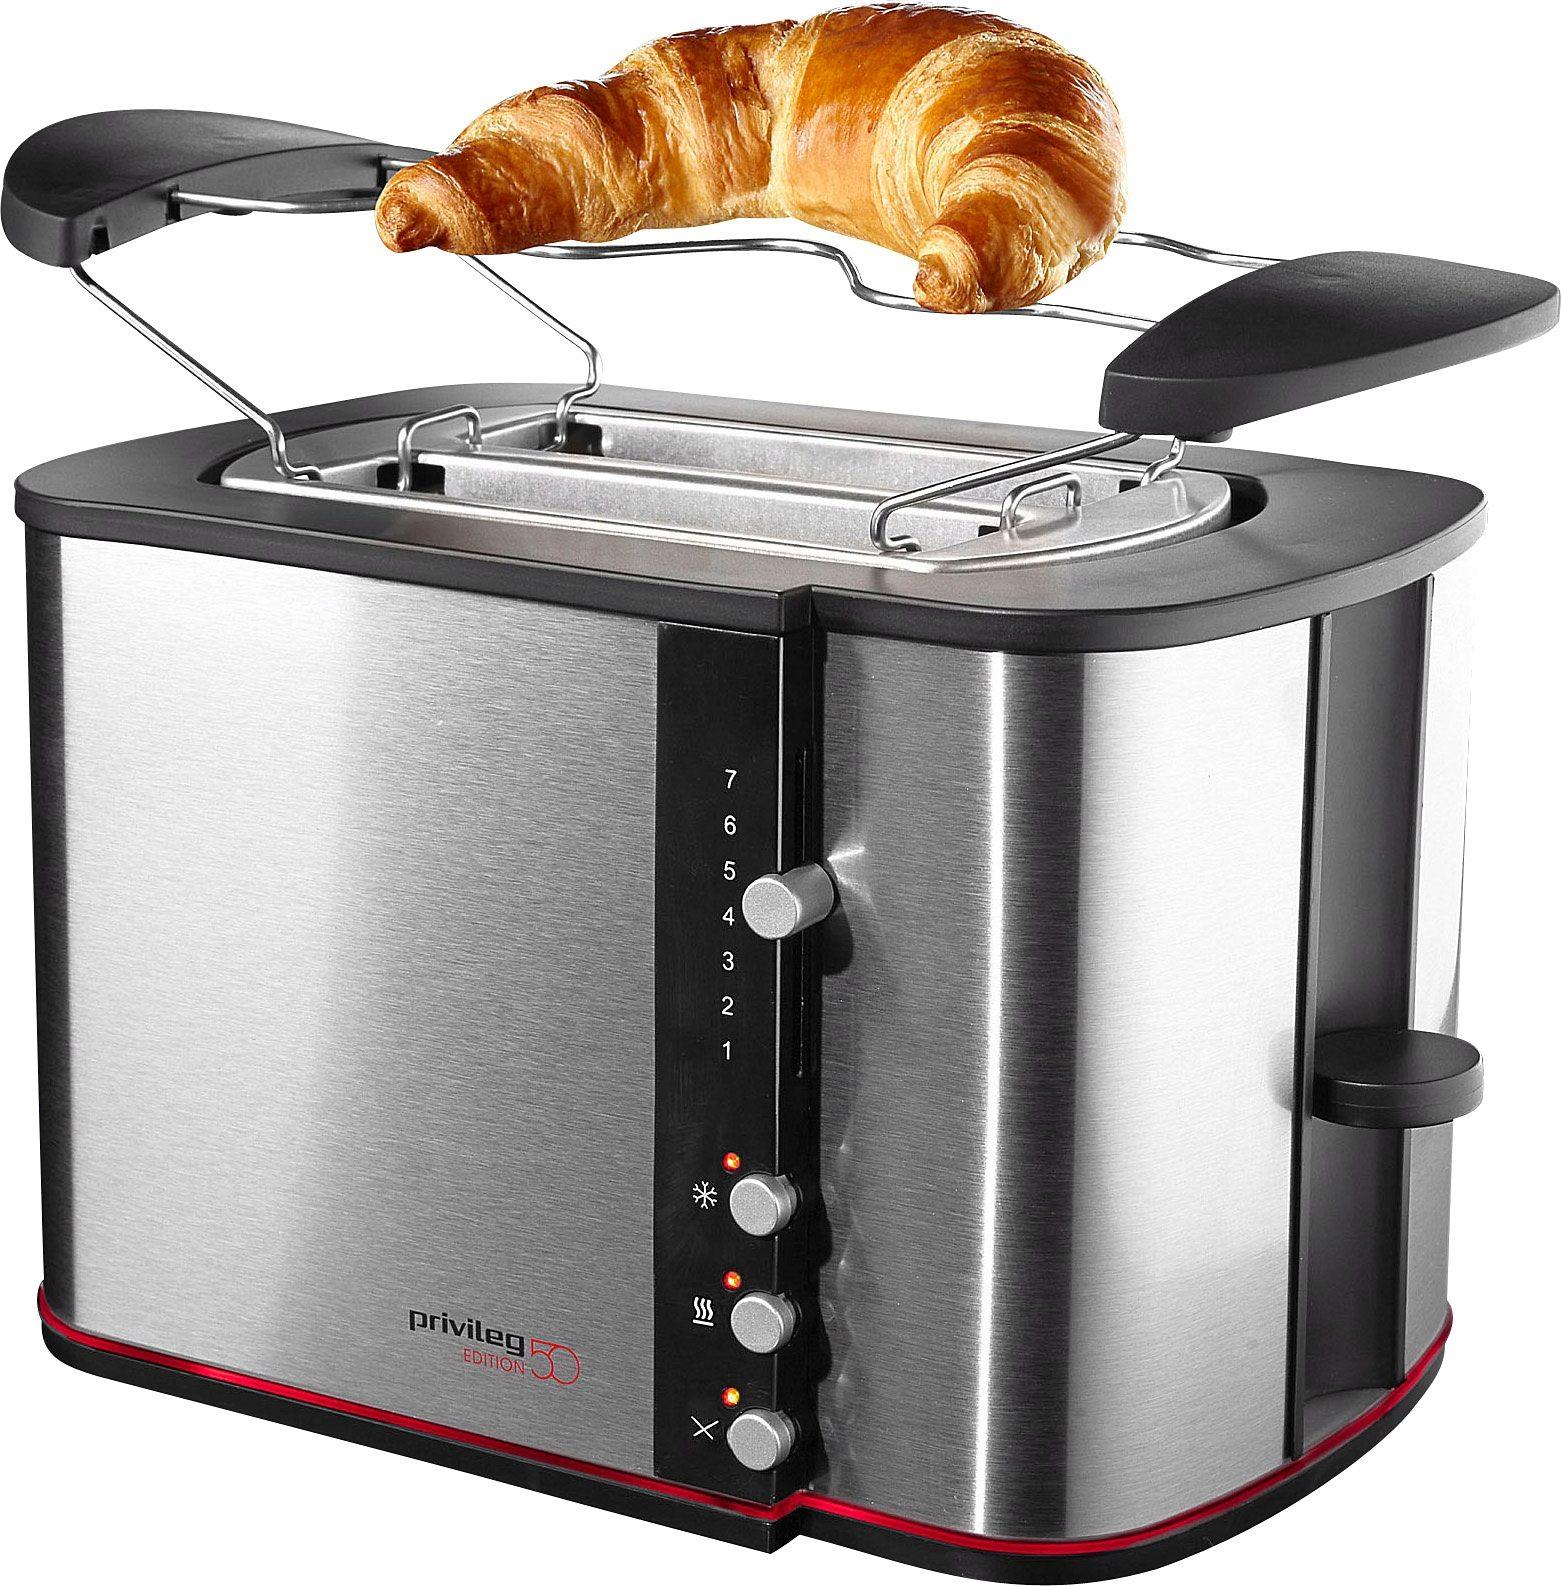 Privileg Toaster »Edition 50«, Auftau- und Aufwärmfunktion, für 2 Scheiben, max. 870 Watt